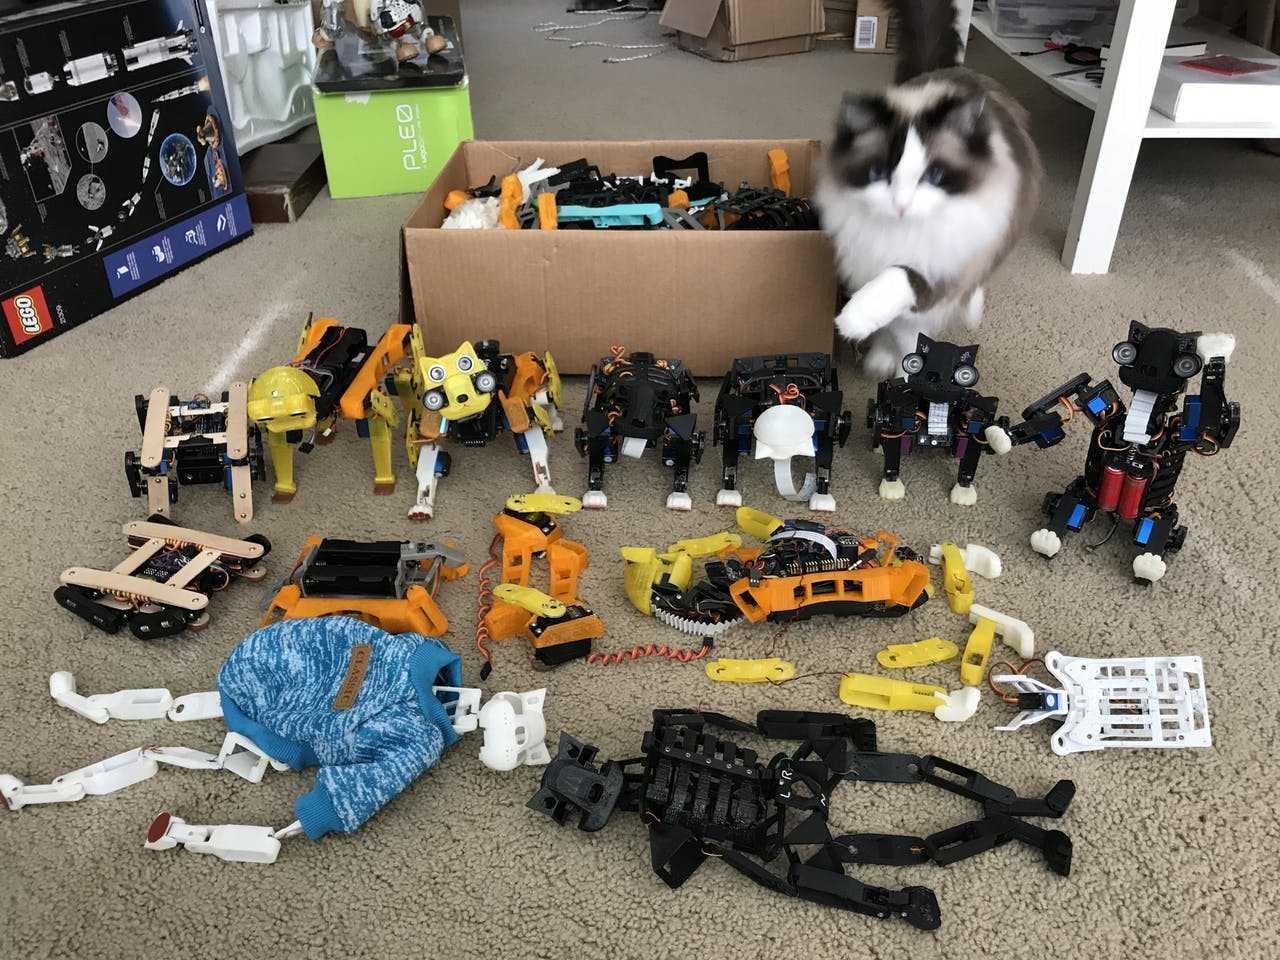 Eine Katze sitzt neben Elektronikkomponenten und Teilen aus dem 3D-Drucker